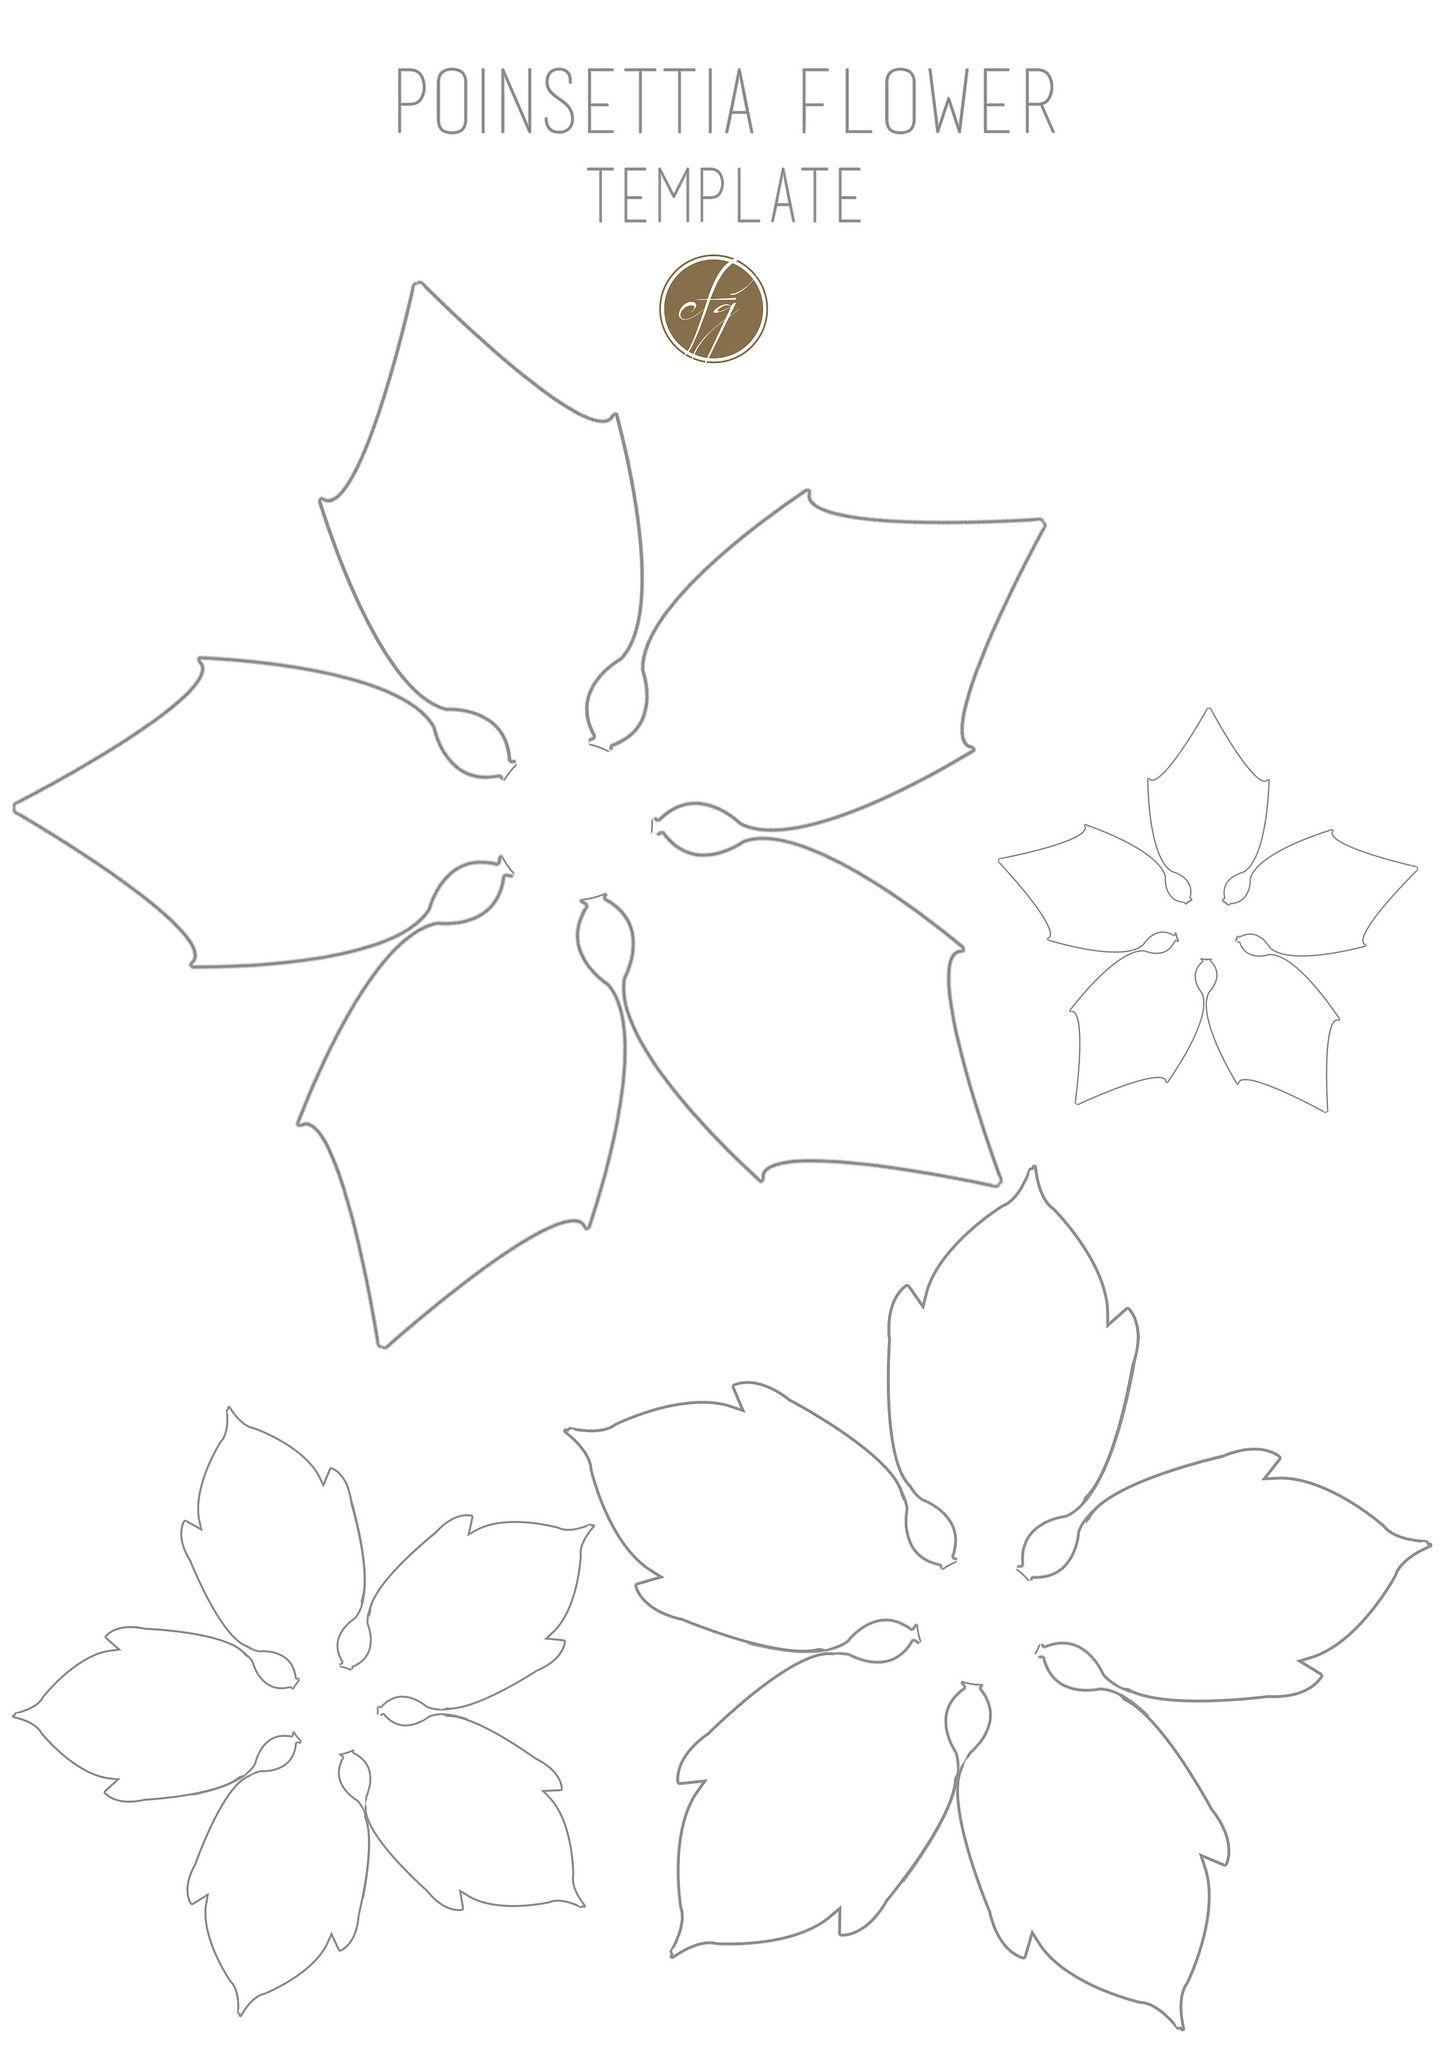 Poinsettia Flower Template Iii Copy   Blumen Vorlage ganzes Vorlage Weihnachtsstern